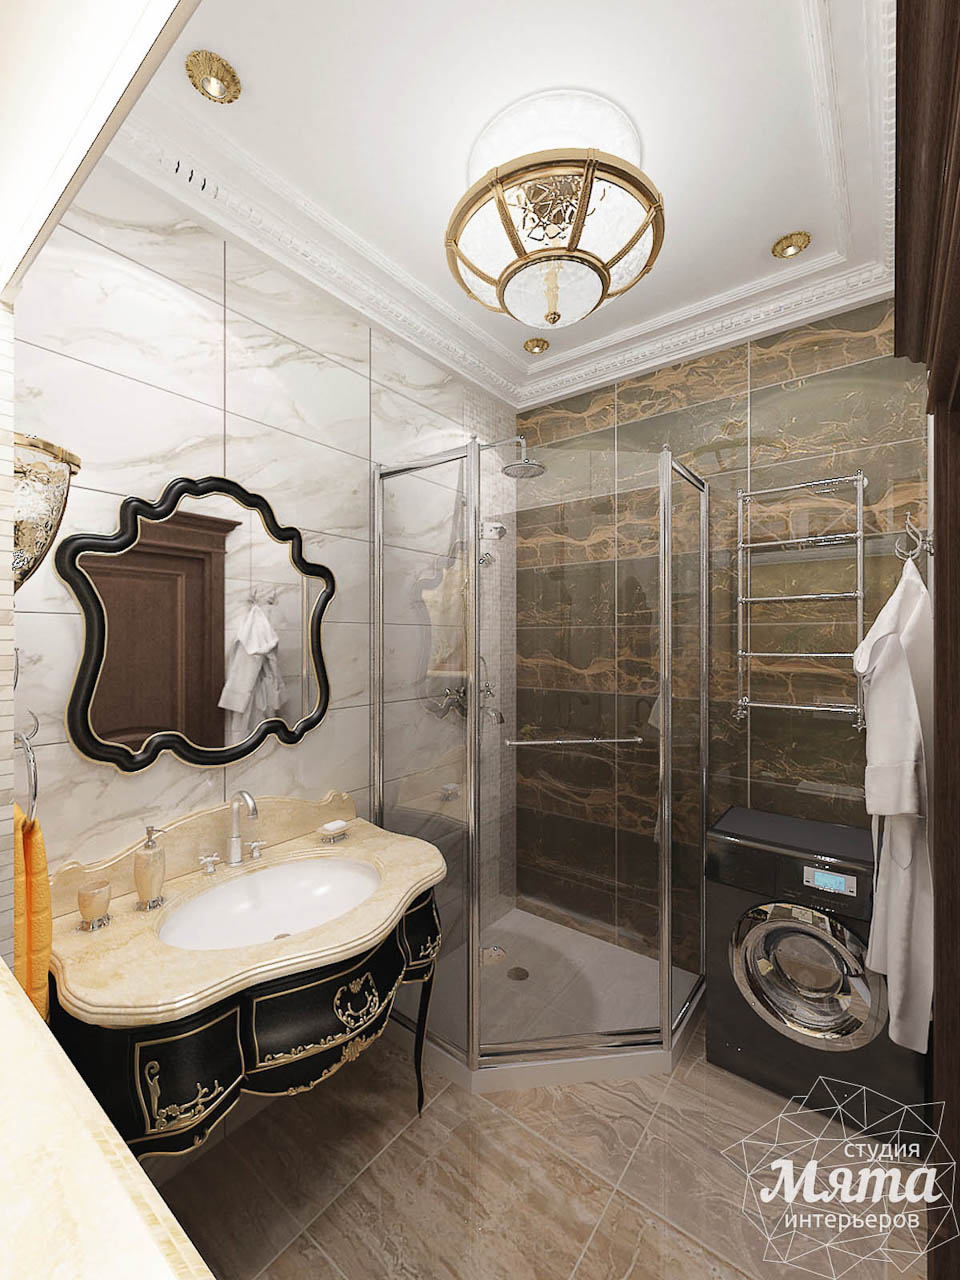 Дизайн интерьера двухкомнатной квартиры по ул. Мельникова 38 img317691319